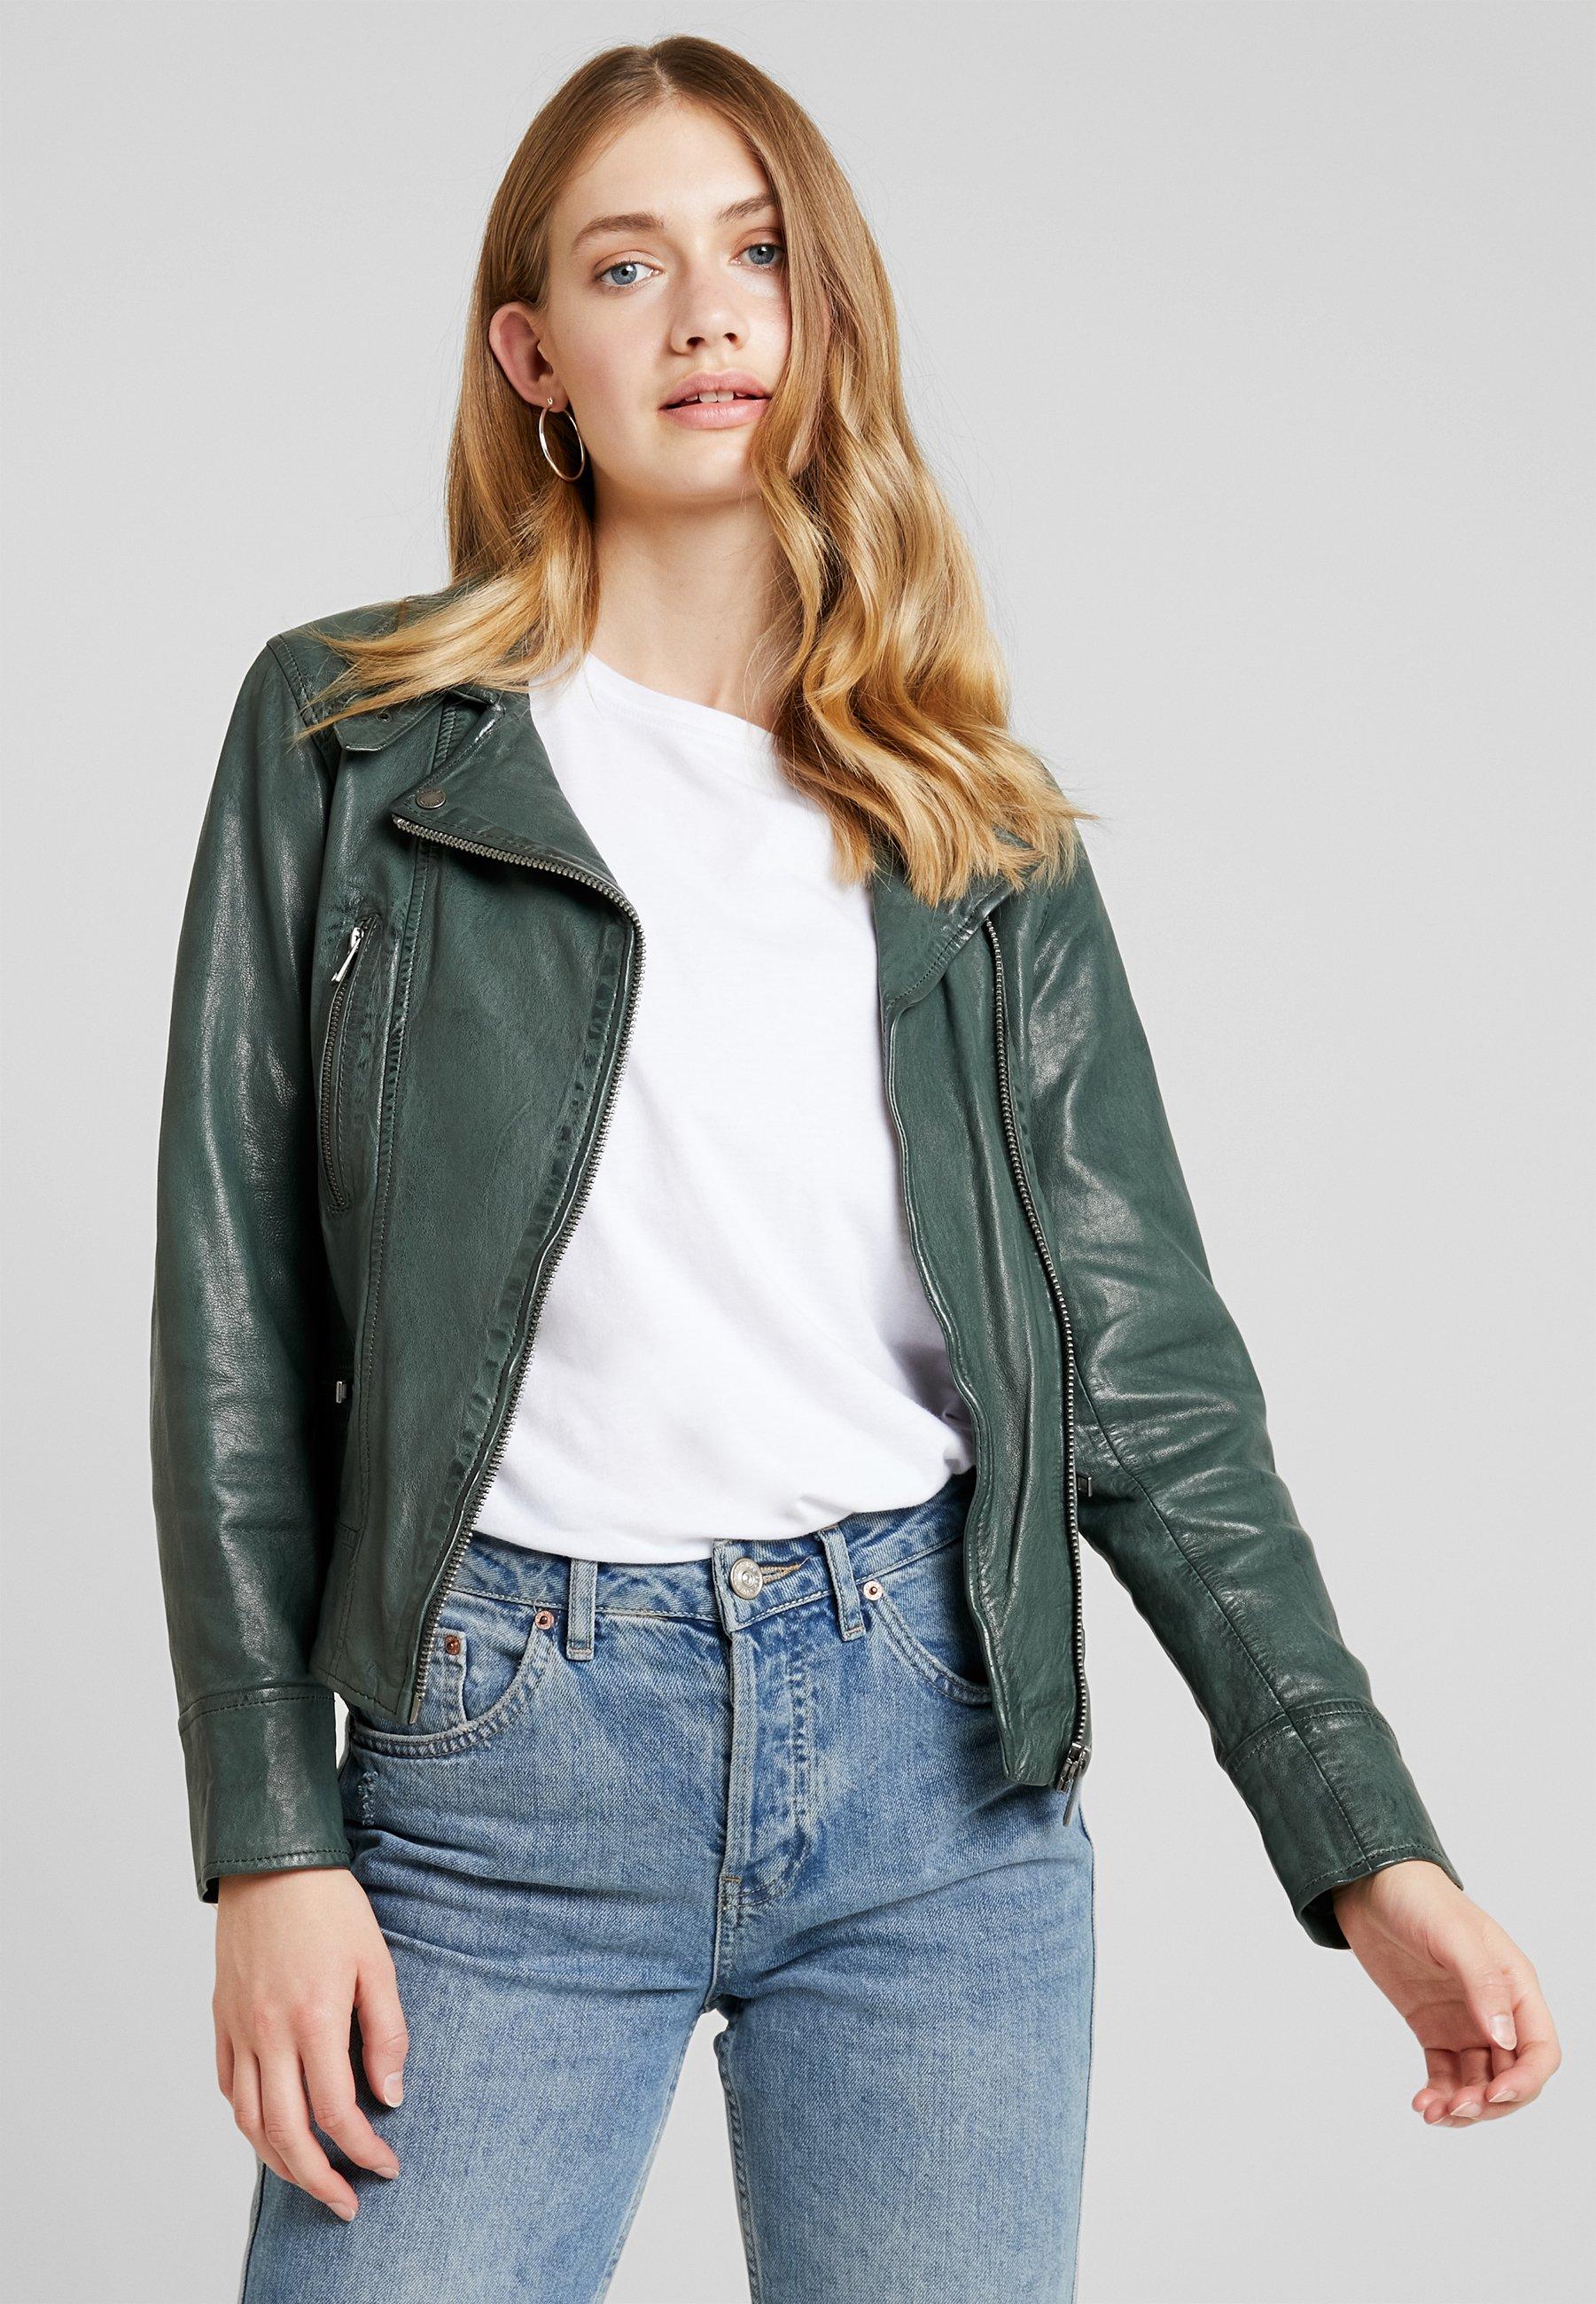 Giacche da donna verde | La collezione su Zalando